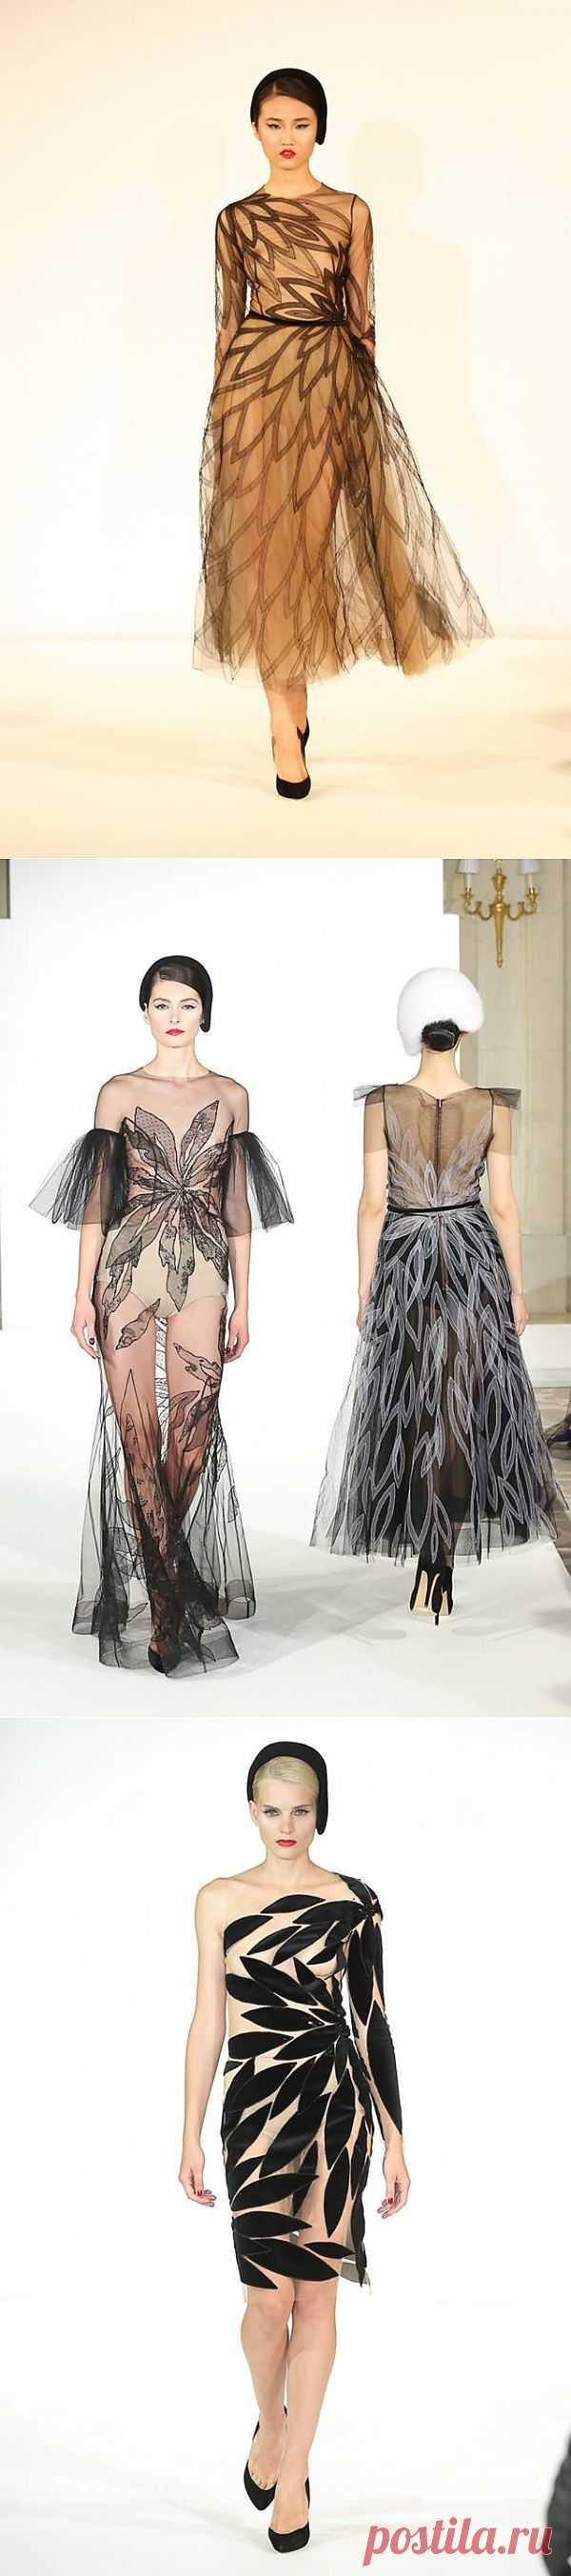 Yanina Haute Couture fall winter 2014 / Дизайнеры / Модный сайт о стильной переделке одежды и интерьера